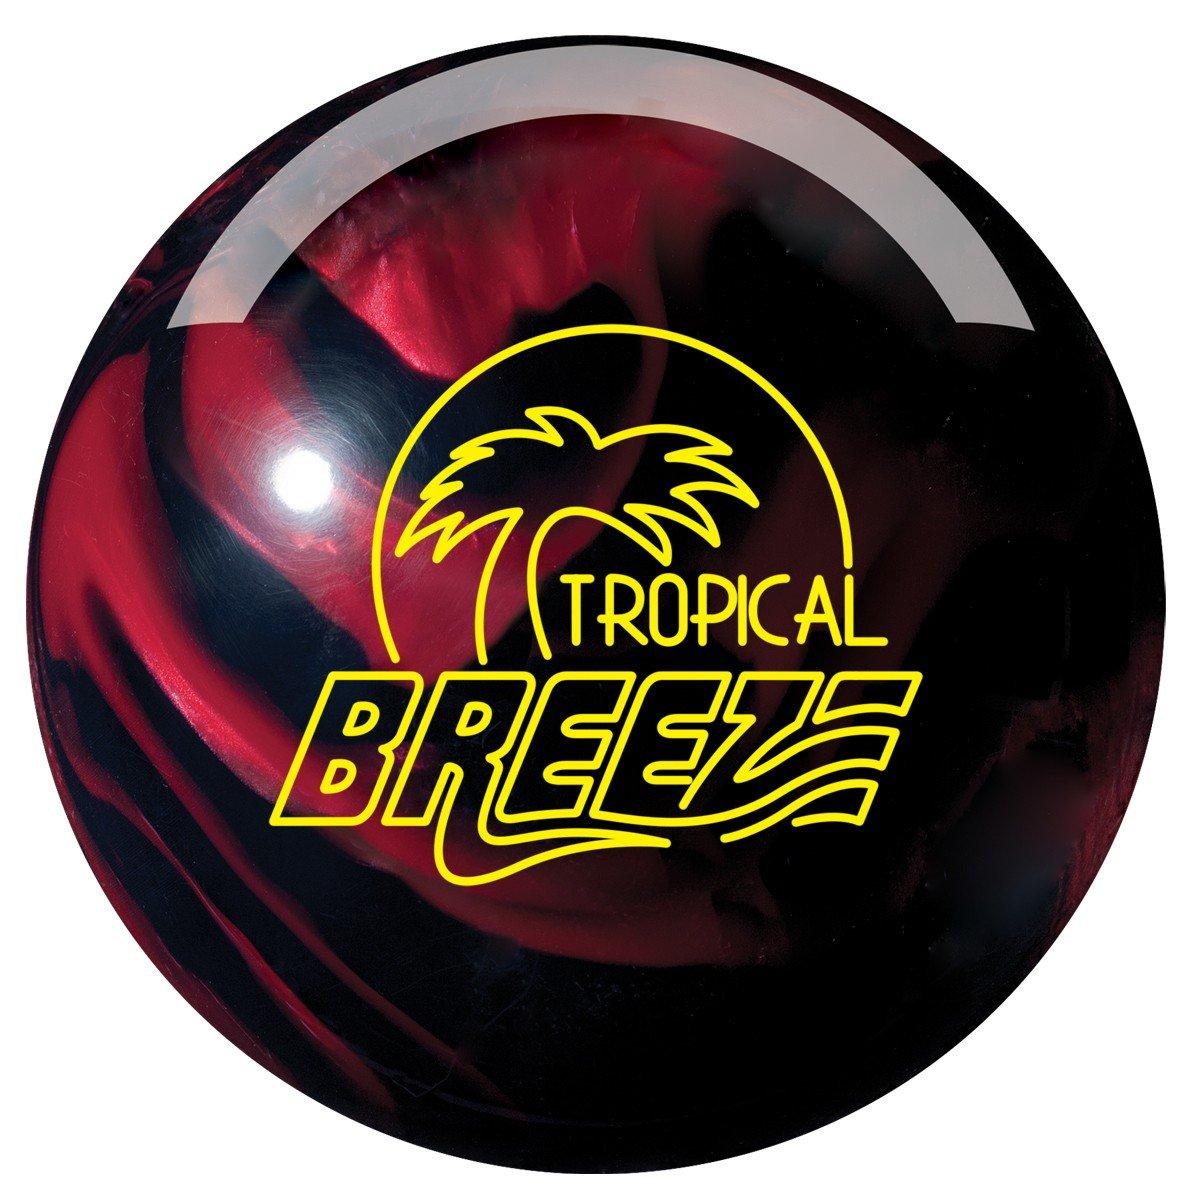 【今日の超目玉】 嵐Tropical B00AZHFYC2 Breezeボーリングボール 嵐Tropical、ブラック/チェリー、11-pound B00AZHFYC2, Web Shop ゆとり:e9764d17 --- eastcoastaudiovisual.com